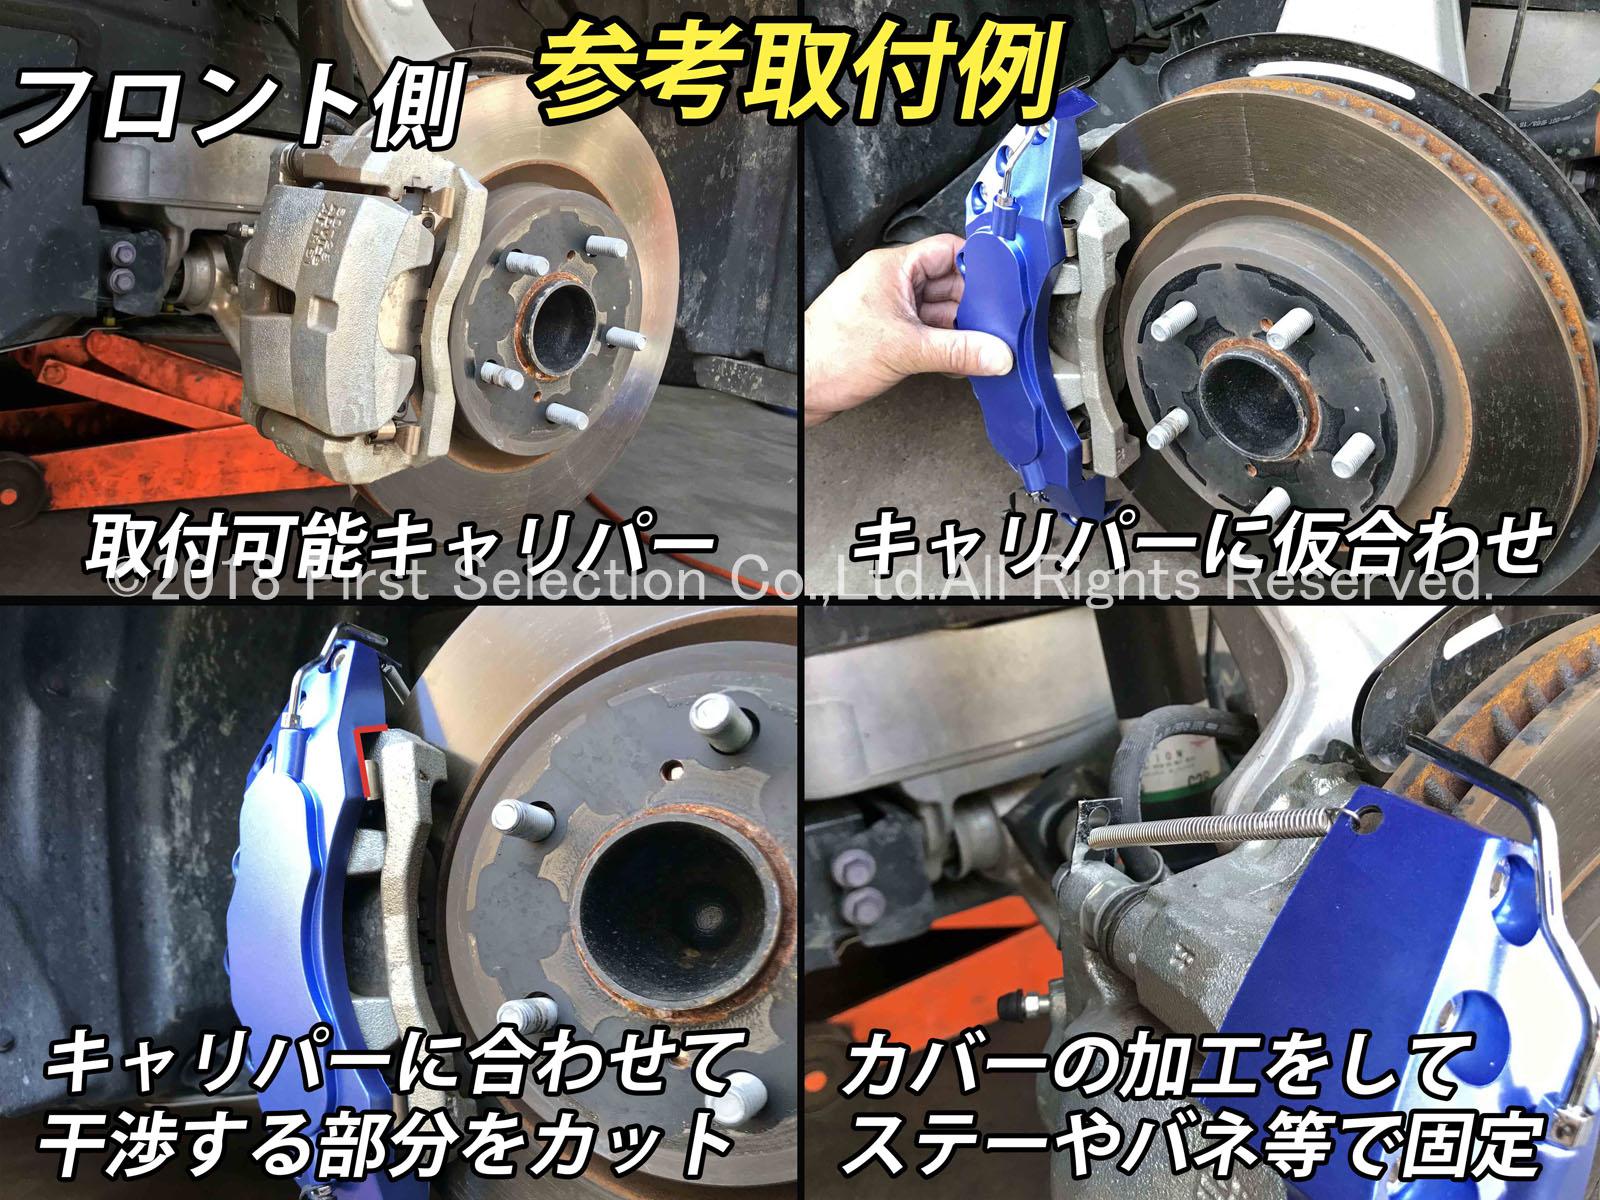 トヨタ車ヴォクシー VOXYロゴ銀文字 汎用高品質キャリパーカバーM青 L/Mサイズセット